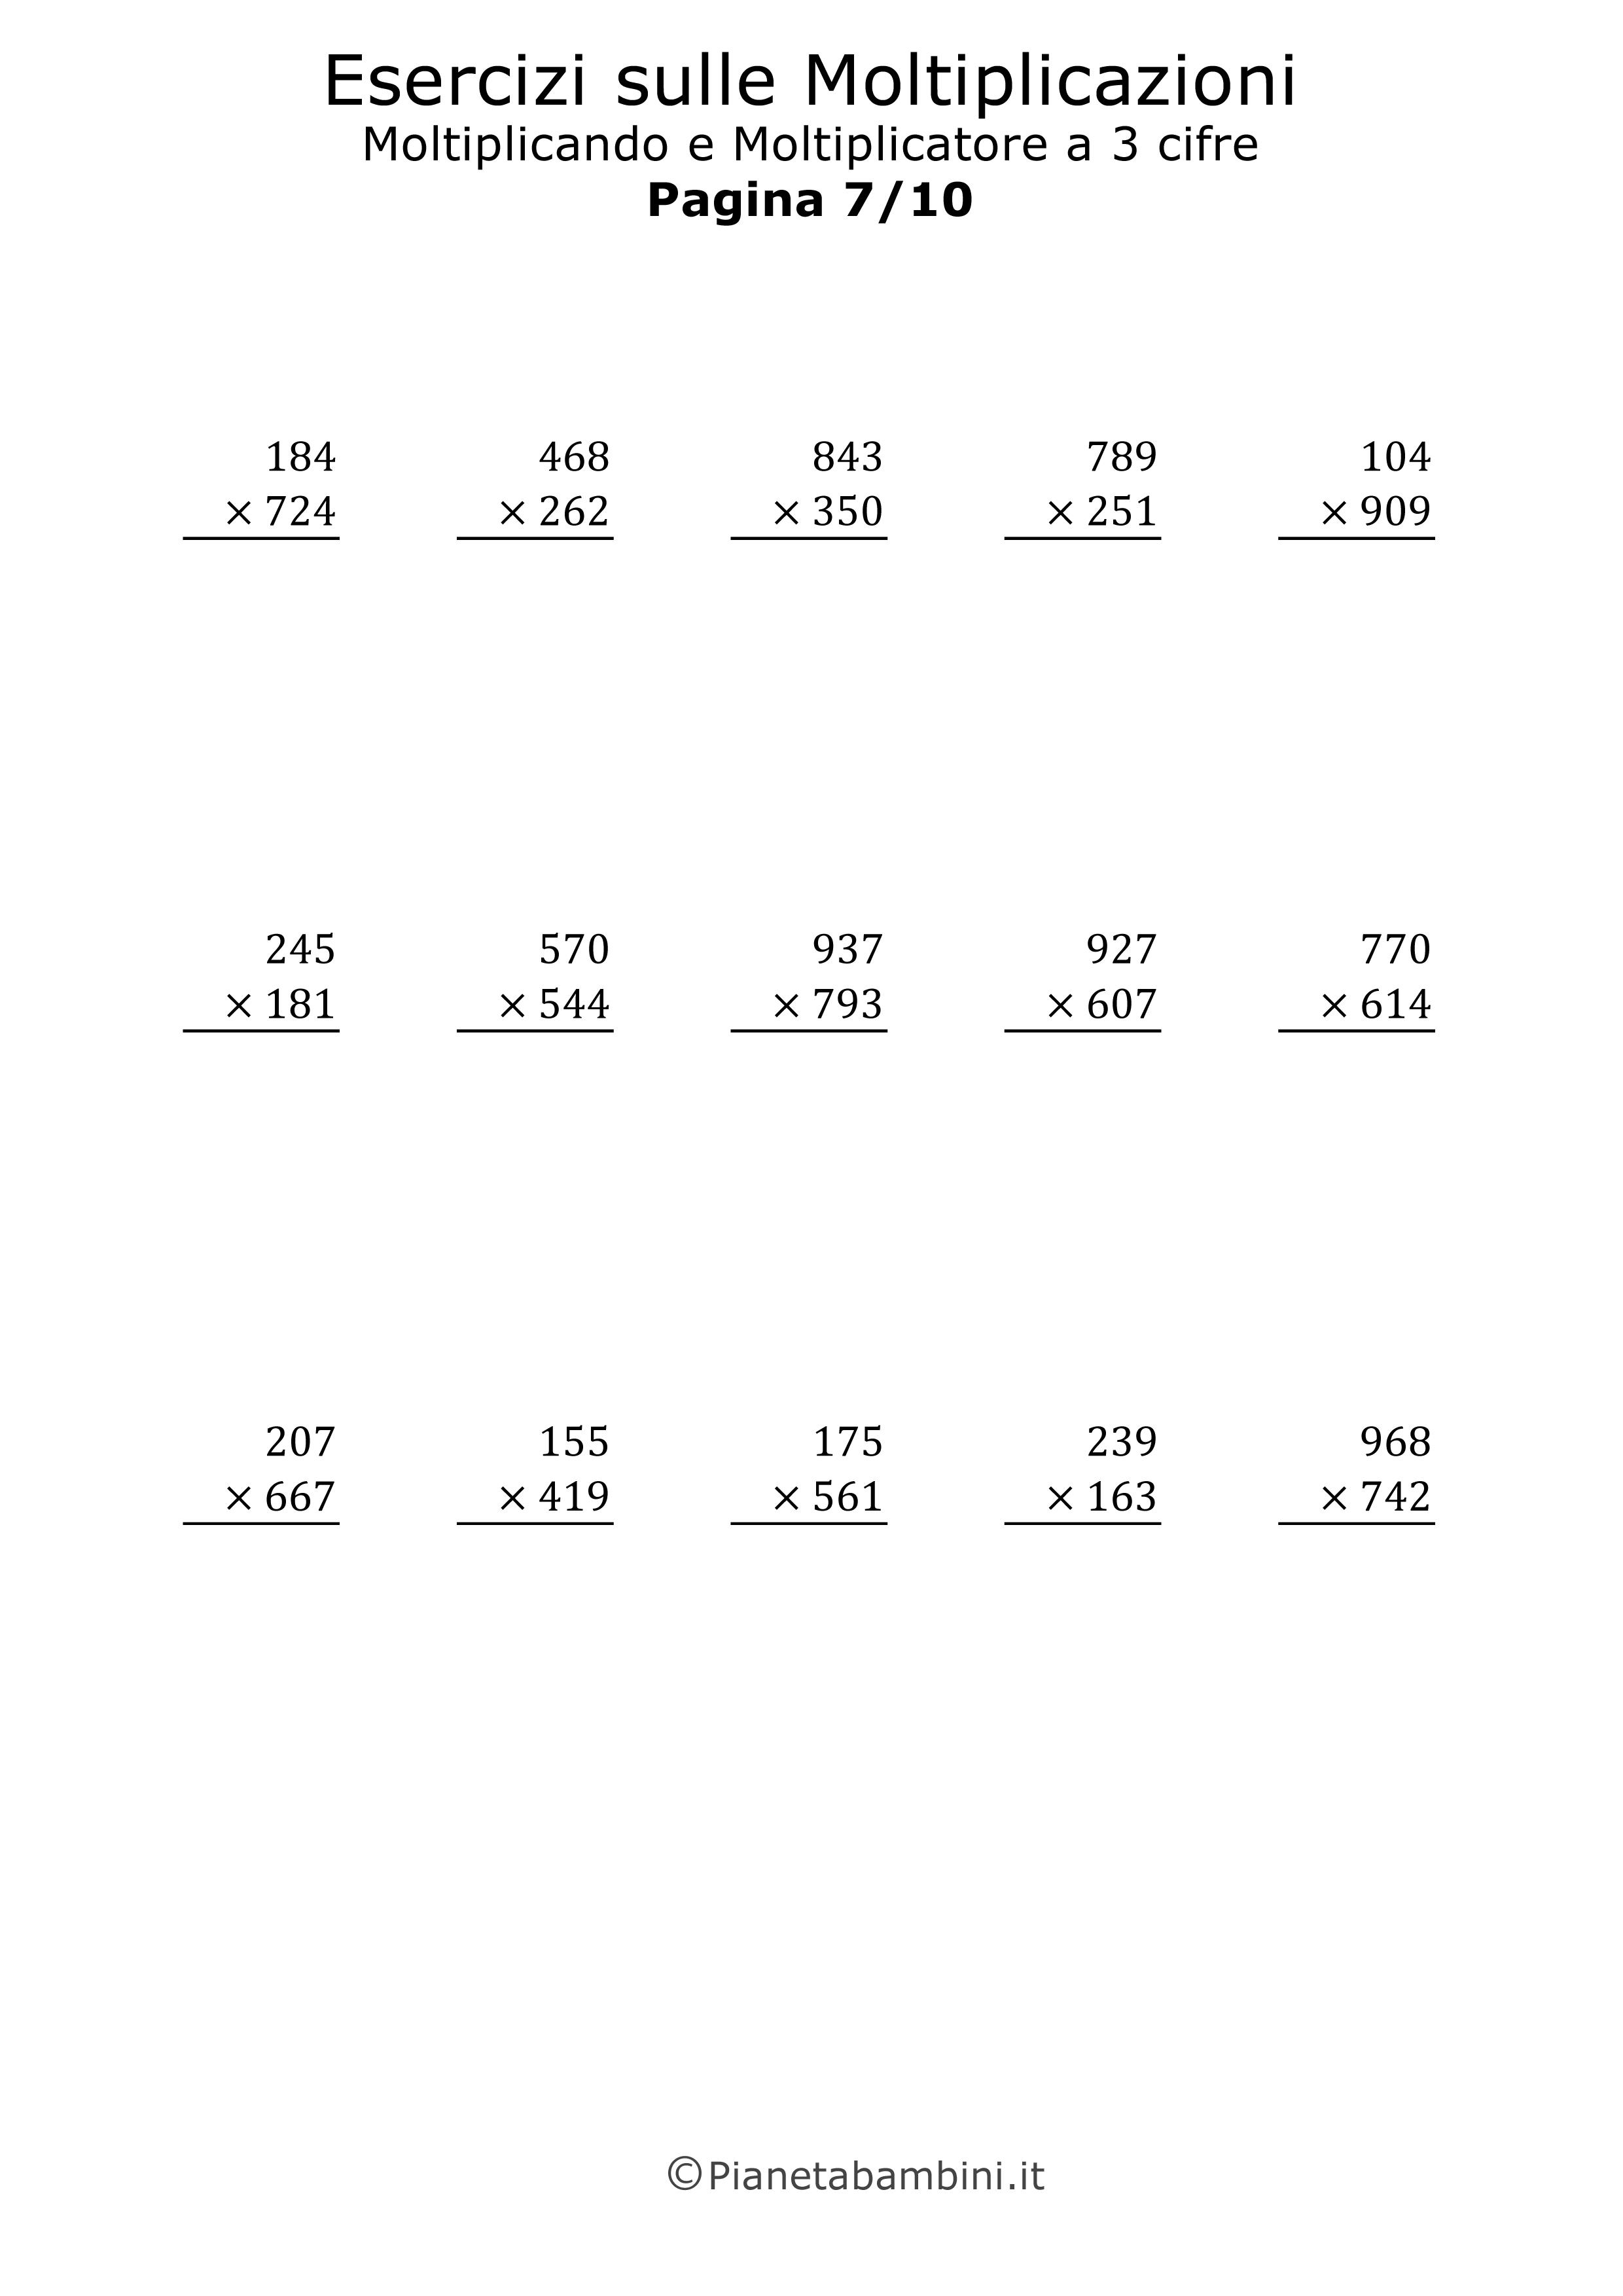 Esercizi-Moltiplicazioni-3-Cifre_07